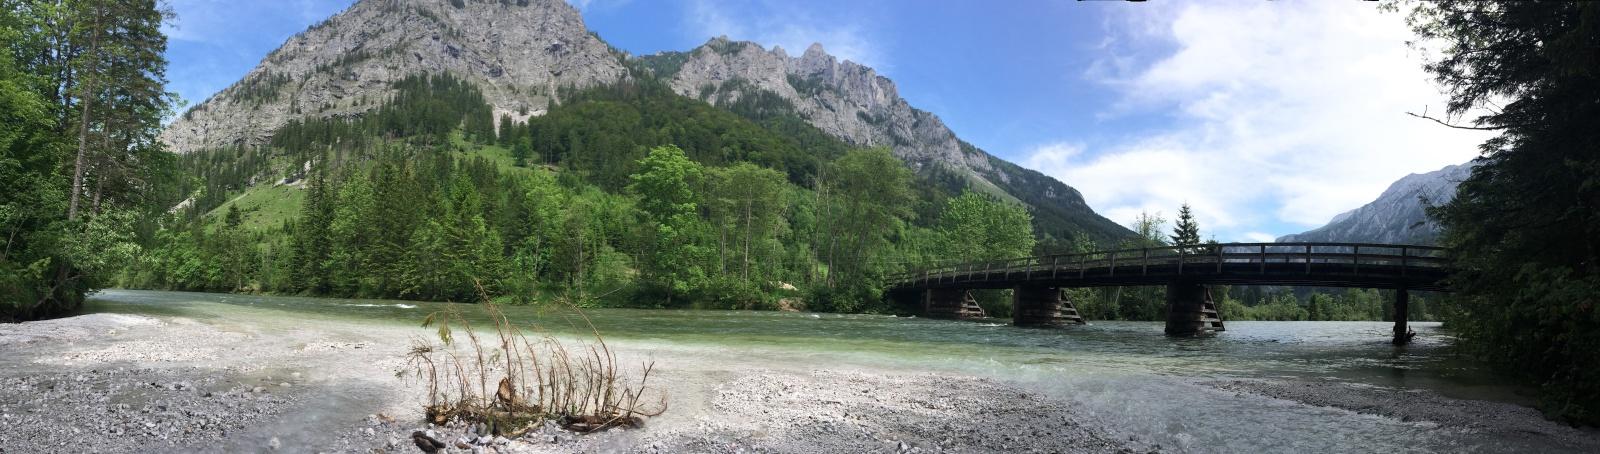 panorama_gschoder4